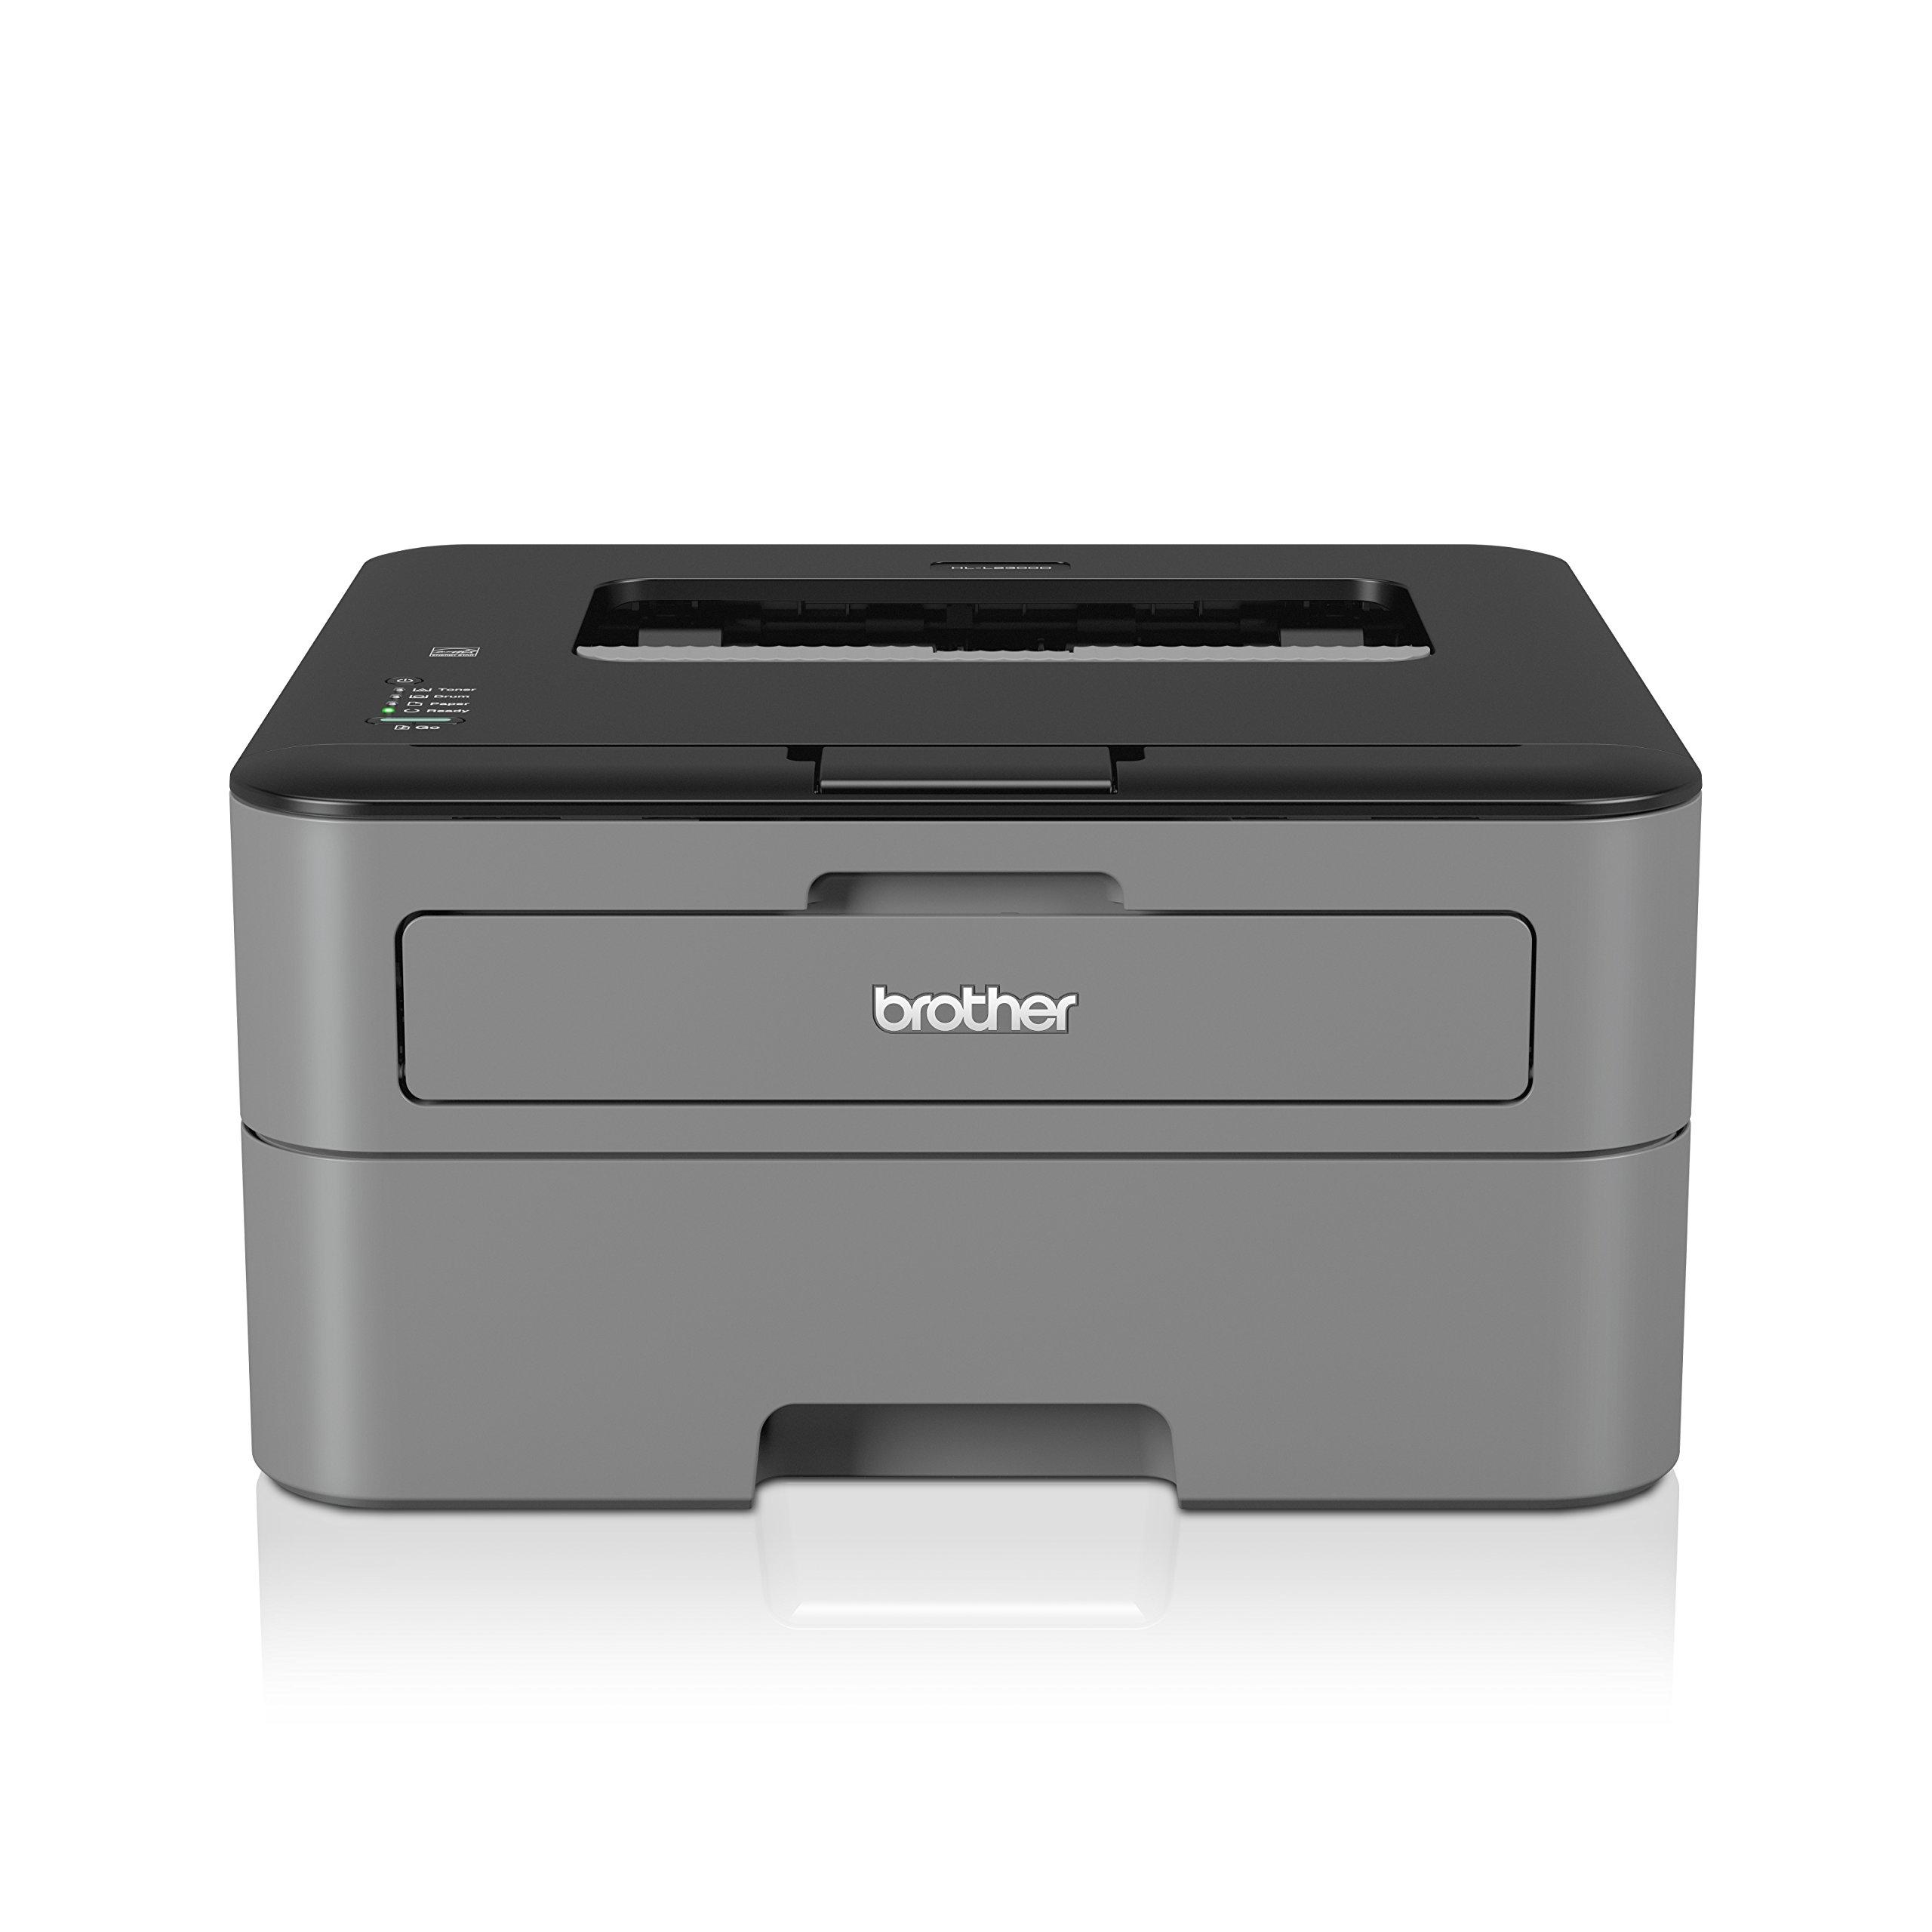 Brother HL-L2300D - Impresora láser (2400 x 6000 dpi, b/n 26 ppm), color gris